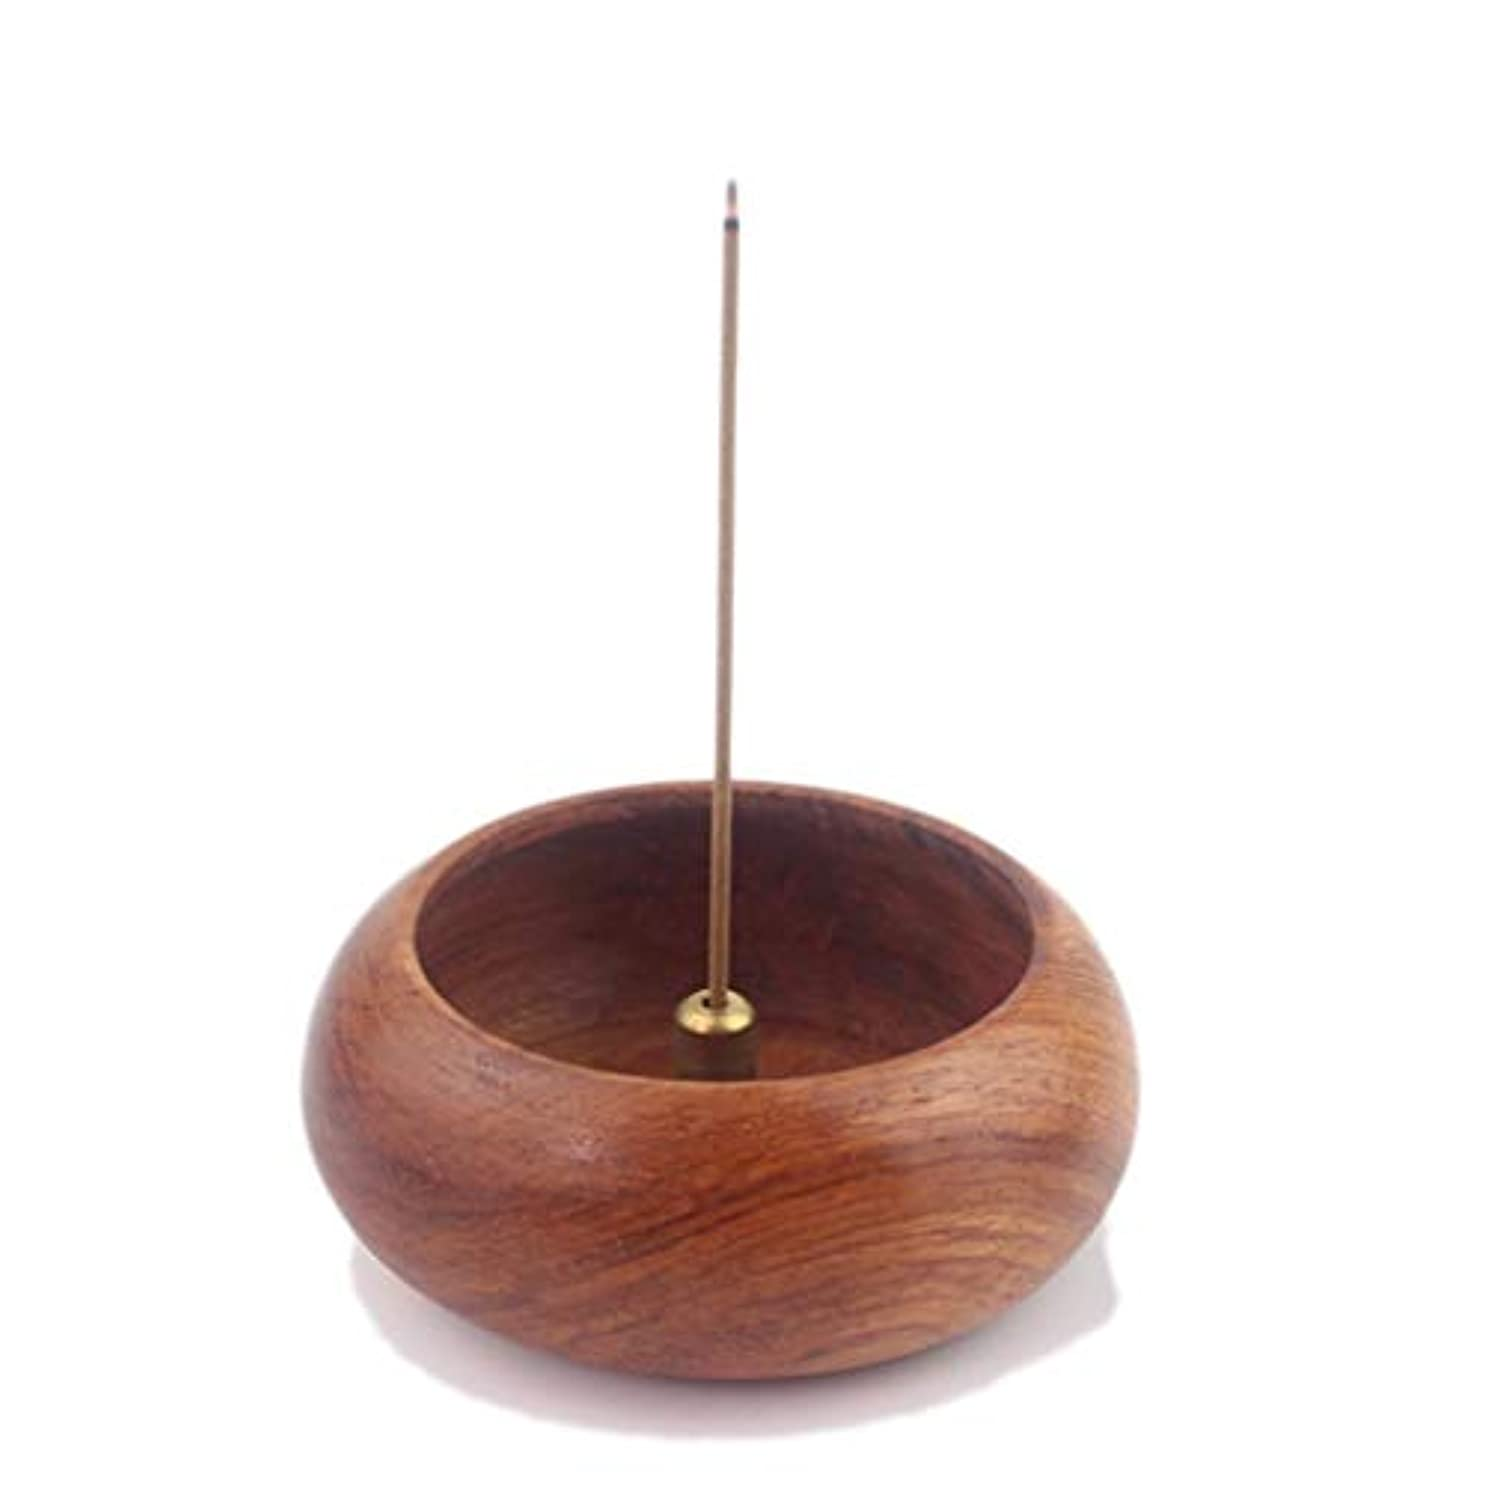 バケット間違っている提案ローズウッドボウル型香炉ホルダーキャンドルアロマセラピー炉香ホルダーホームリビングルーム香バーナー装飾 (Color : Wood, サイズ : 6.2*2.4cm)